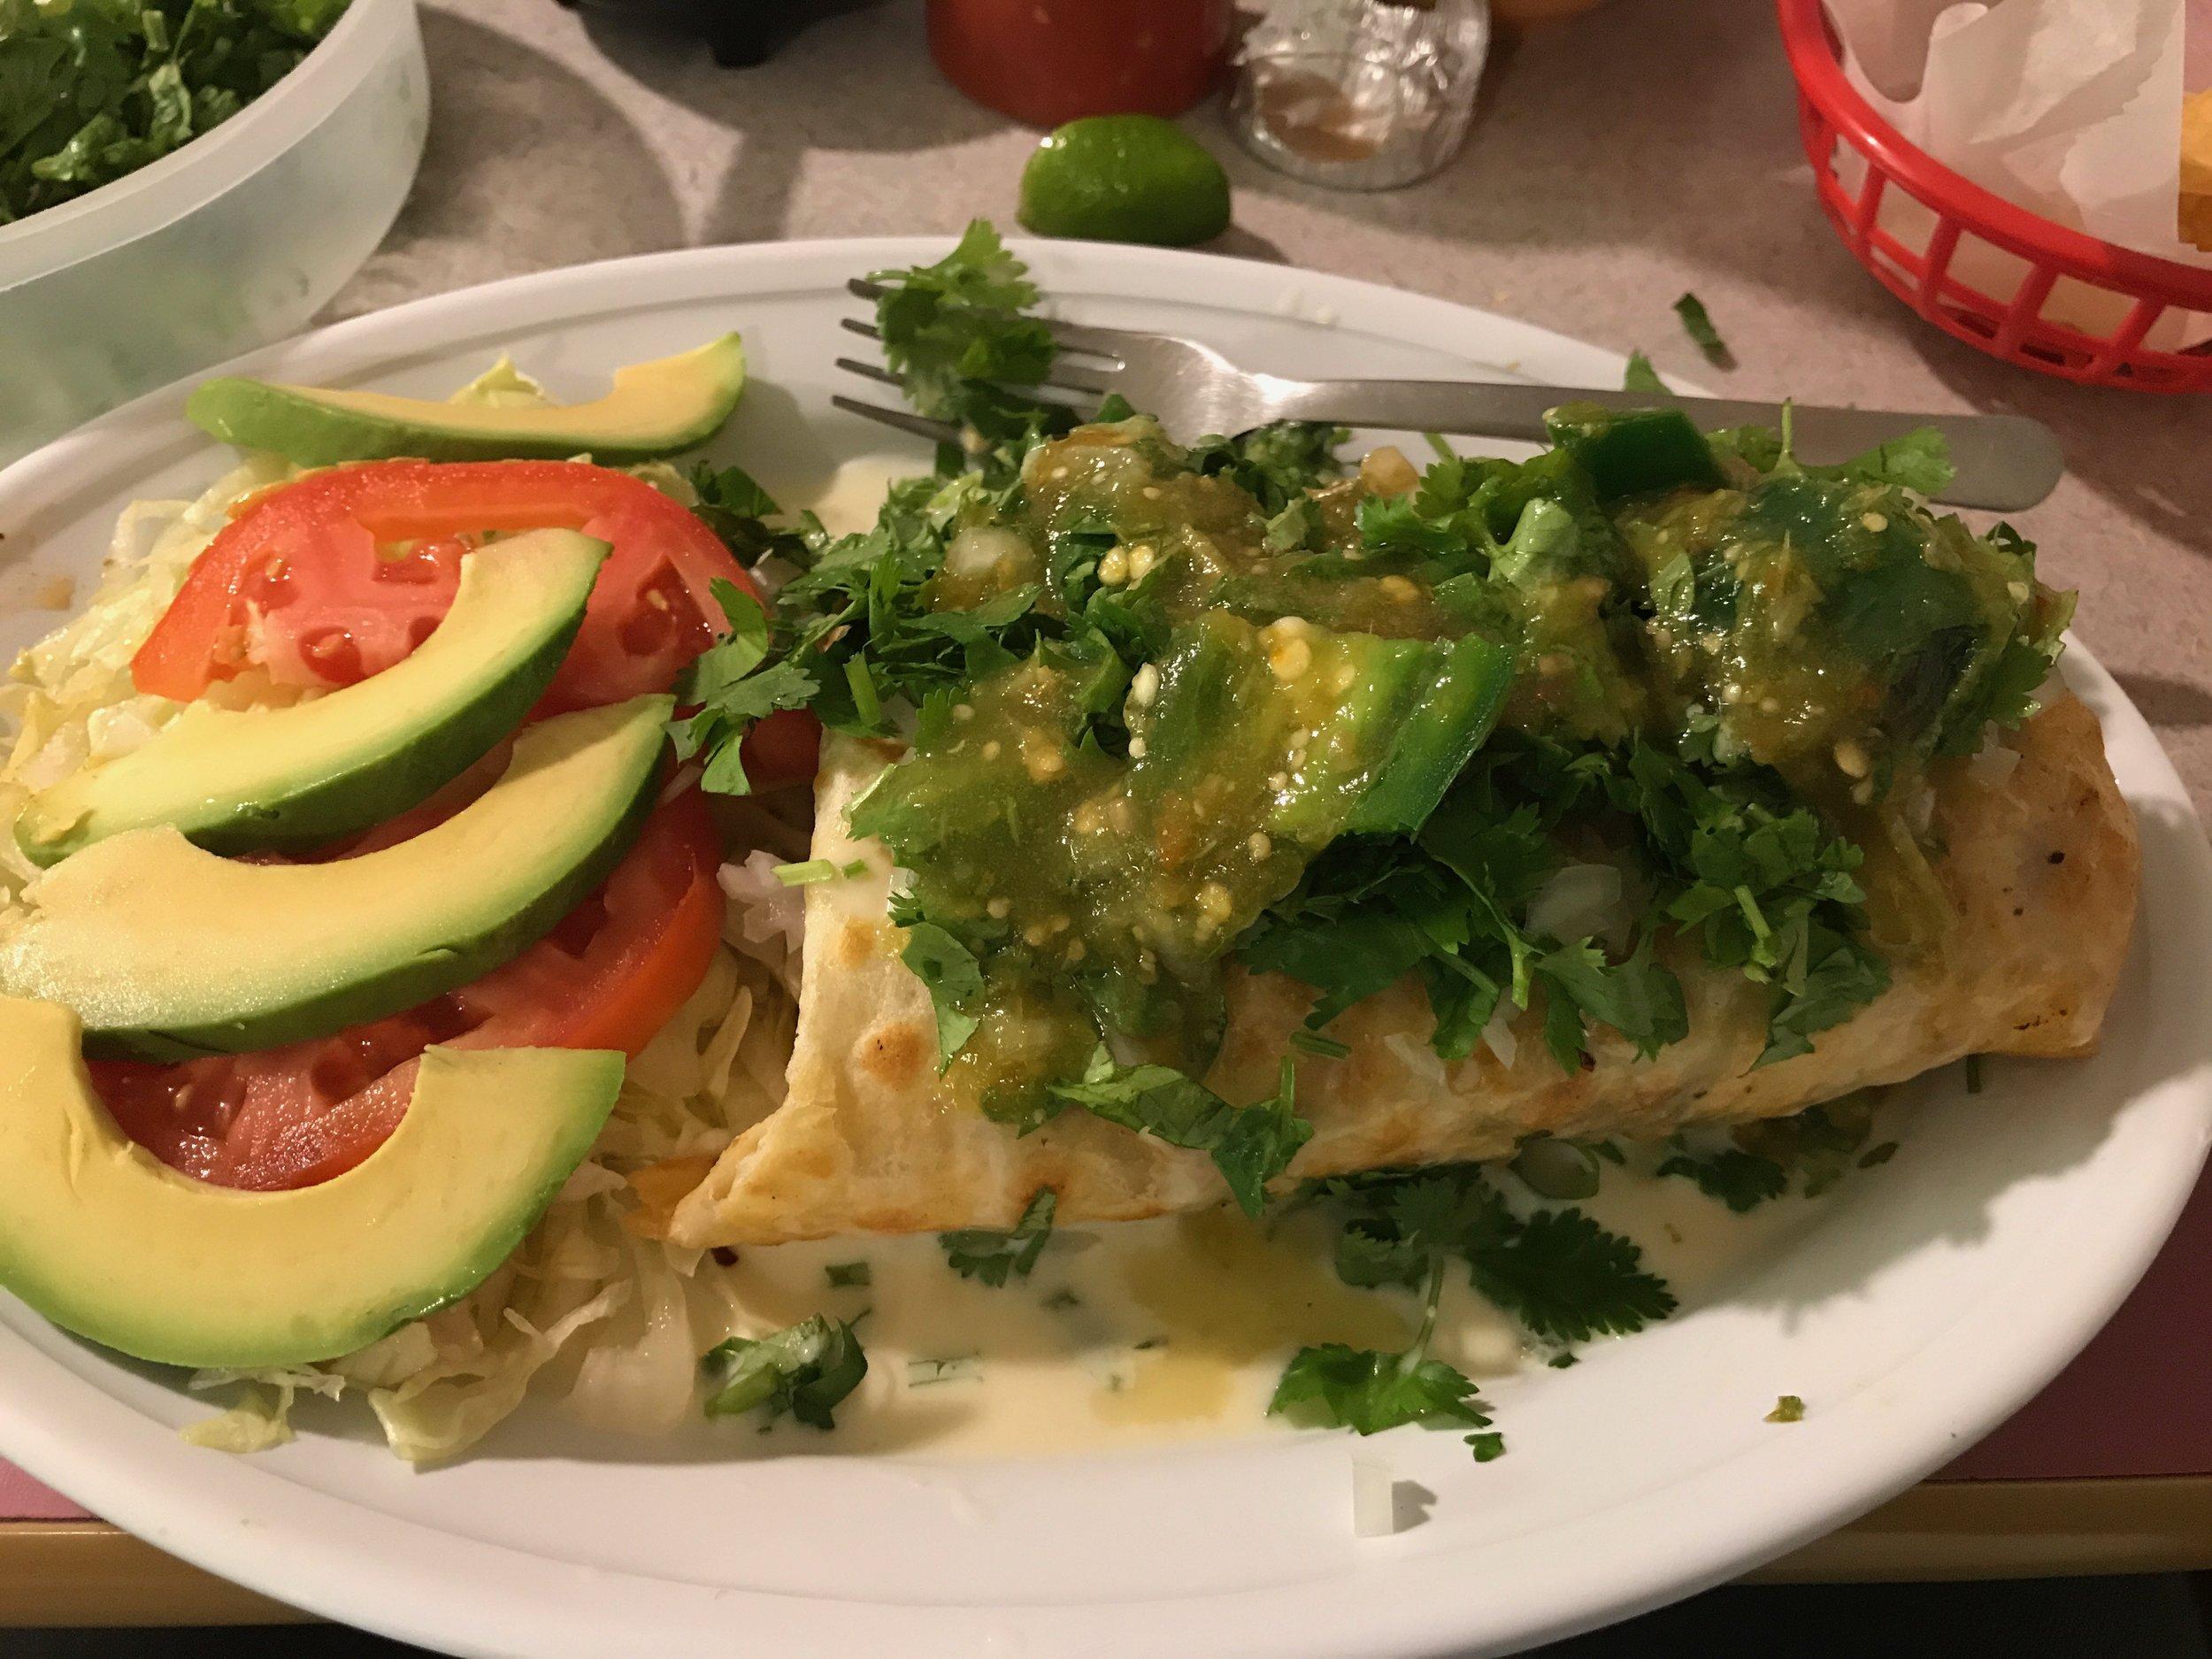 Burrito and Salad